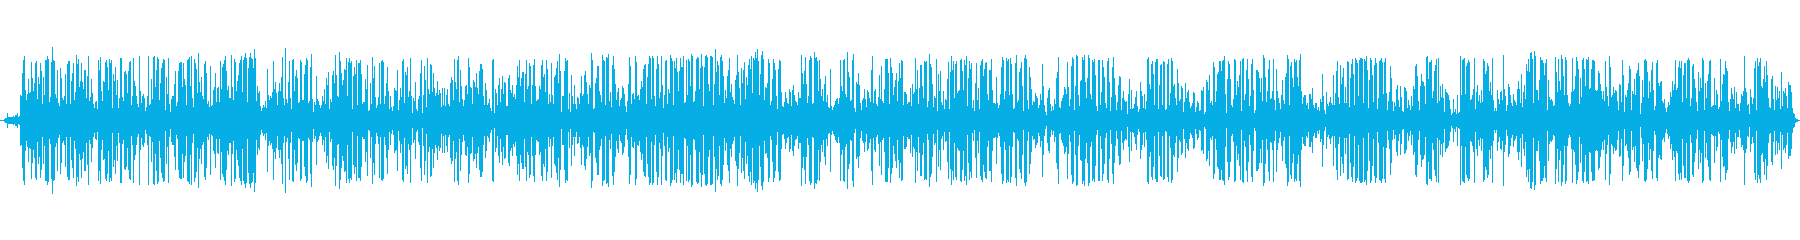 古いキャリッジ:継続的なきしみ音と...の再生済みの波形